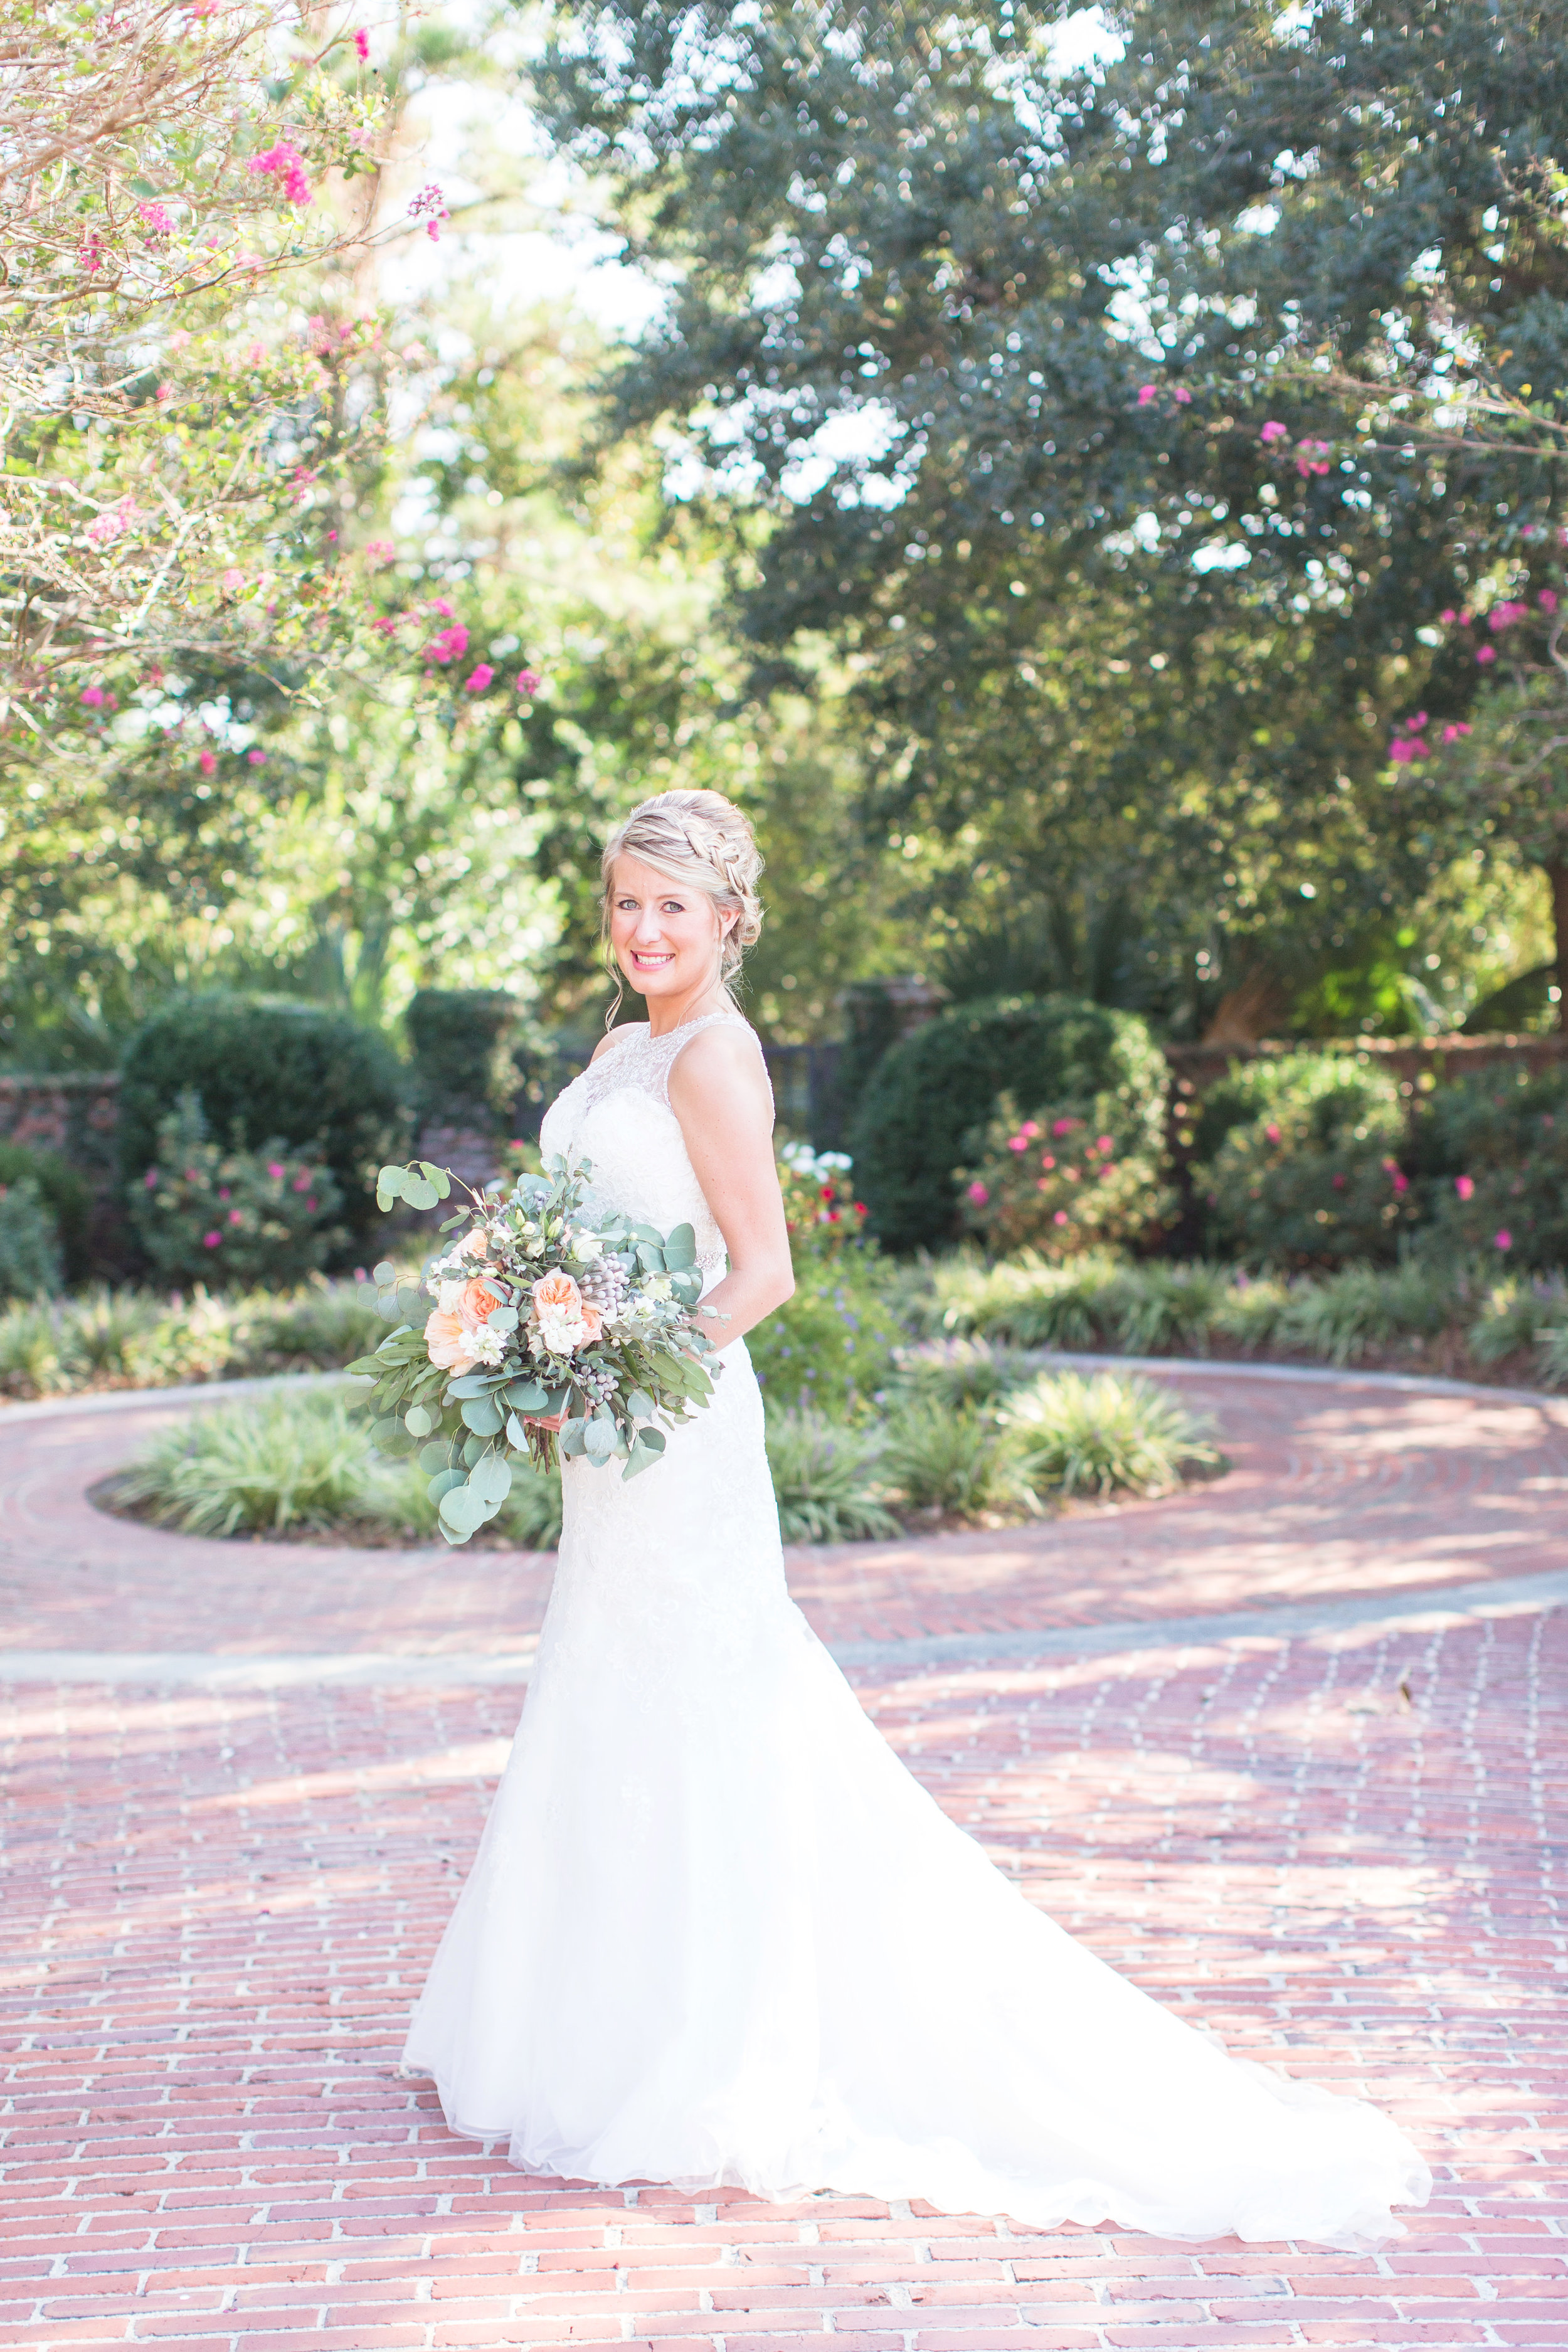 Bride with Blush Bouquet.jpg